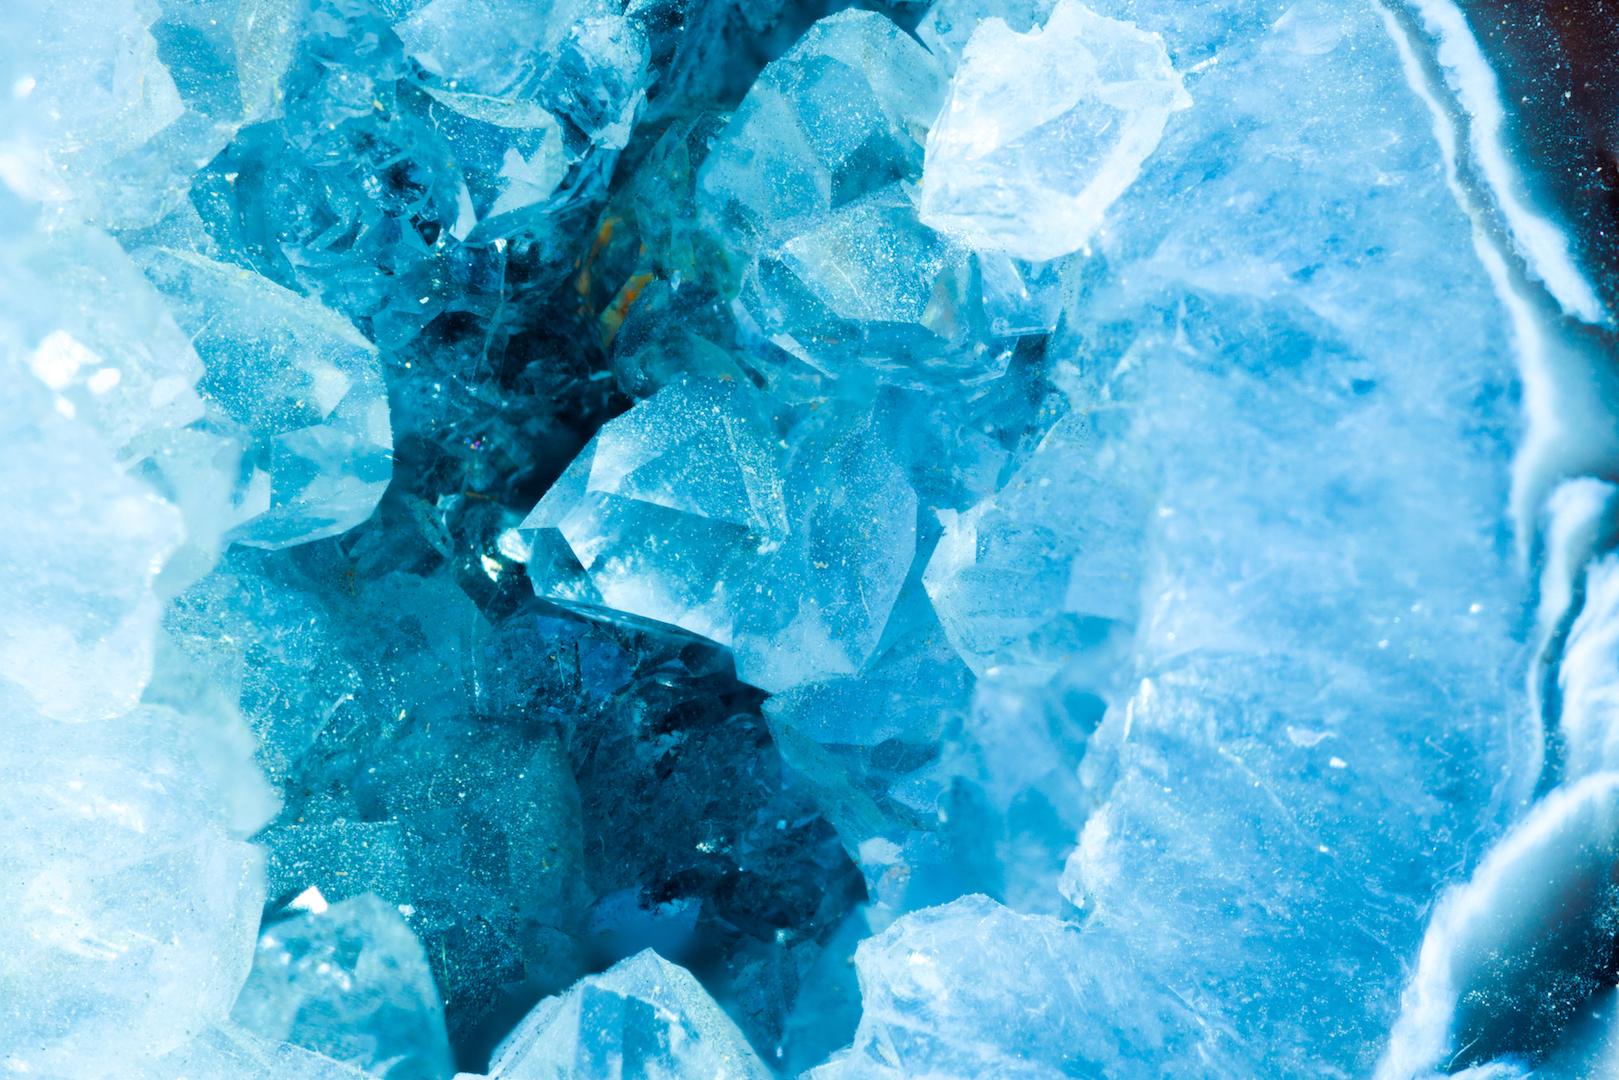 Blauwe edelstenen